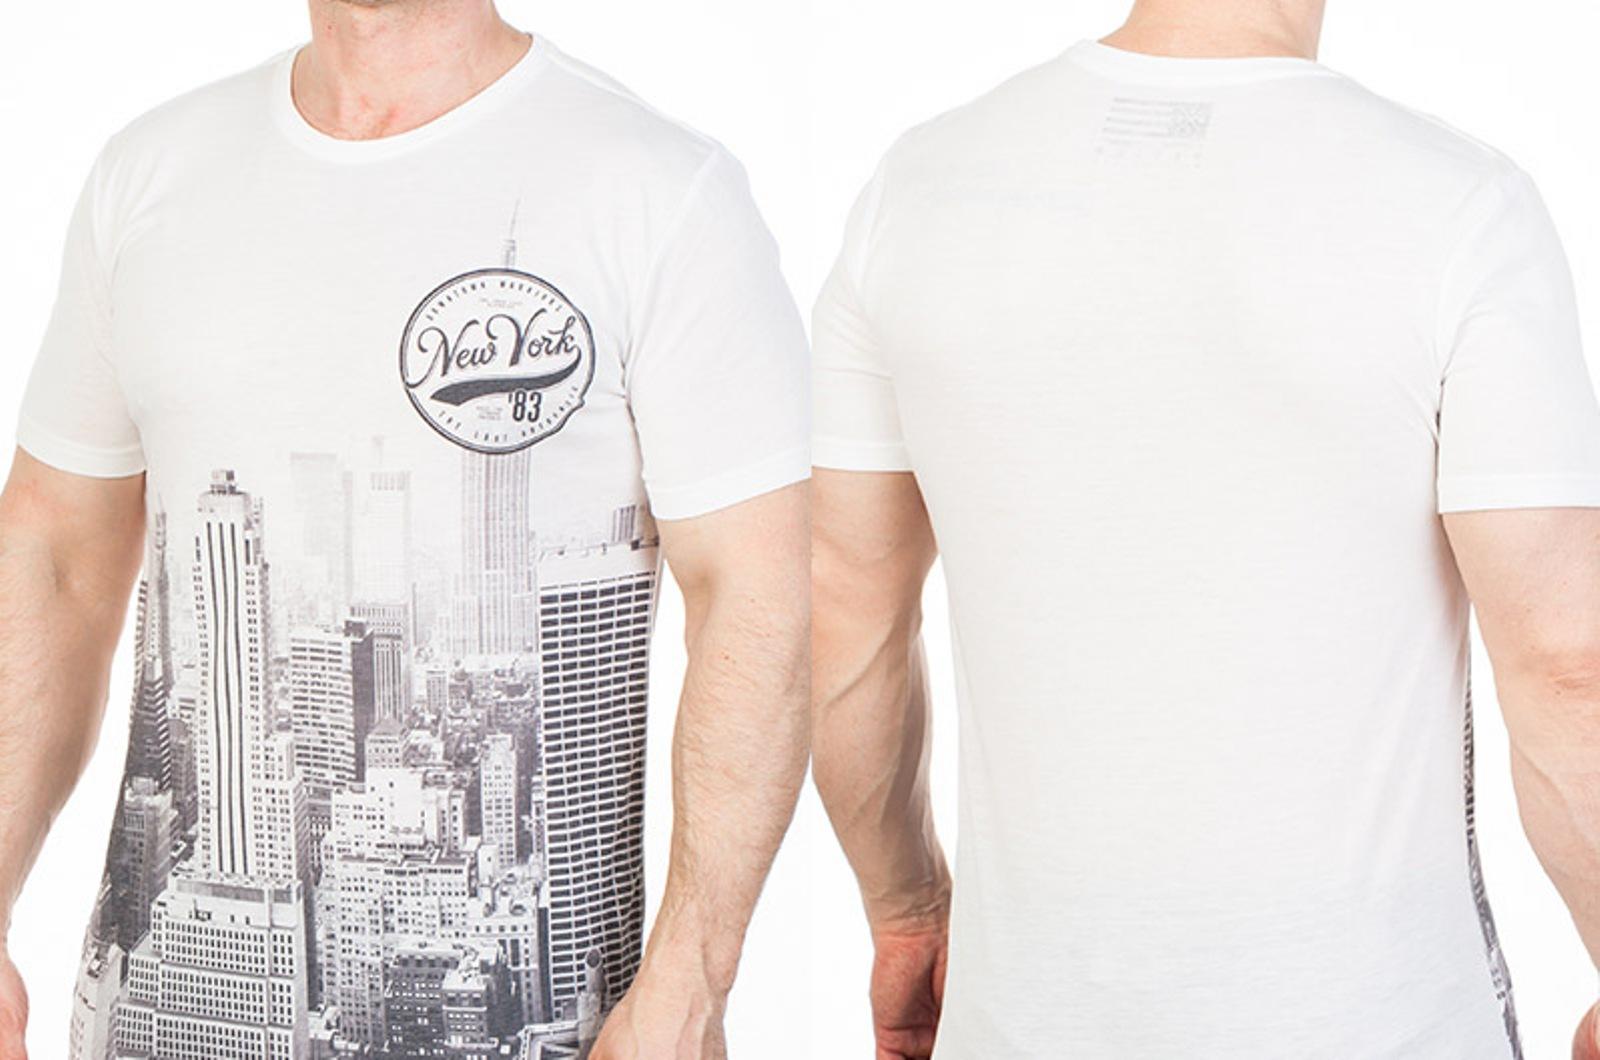 """Купить футболку """"New York'83"""""""